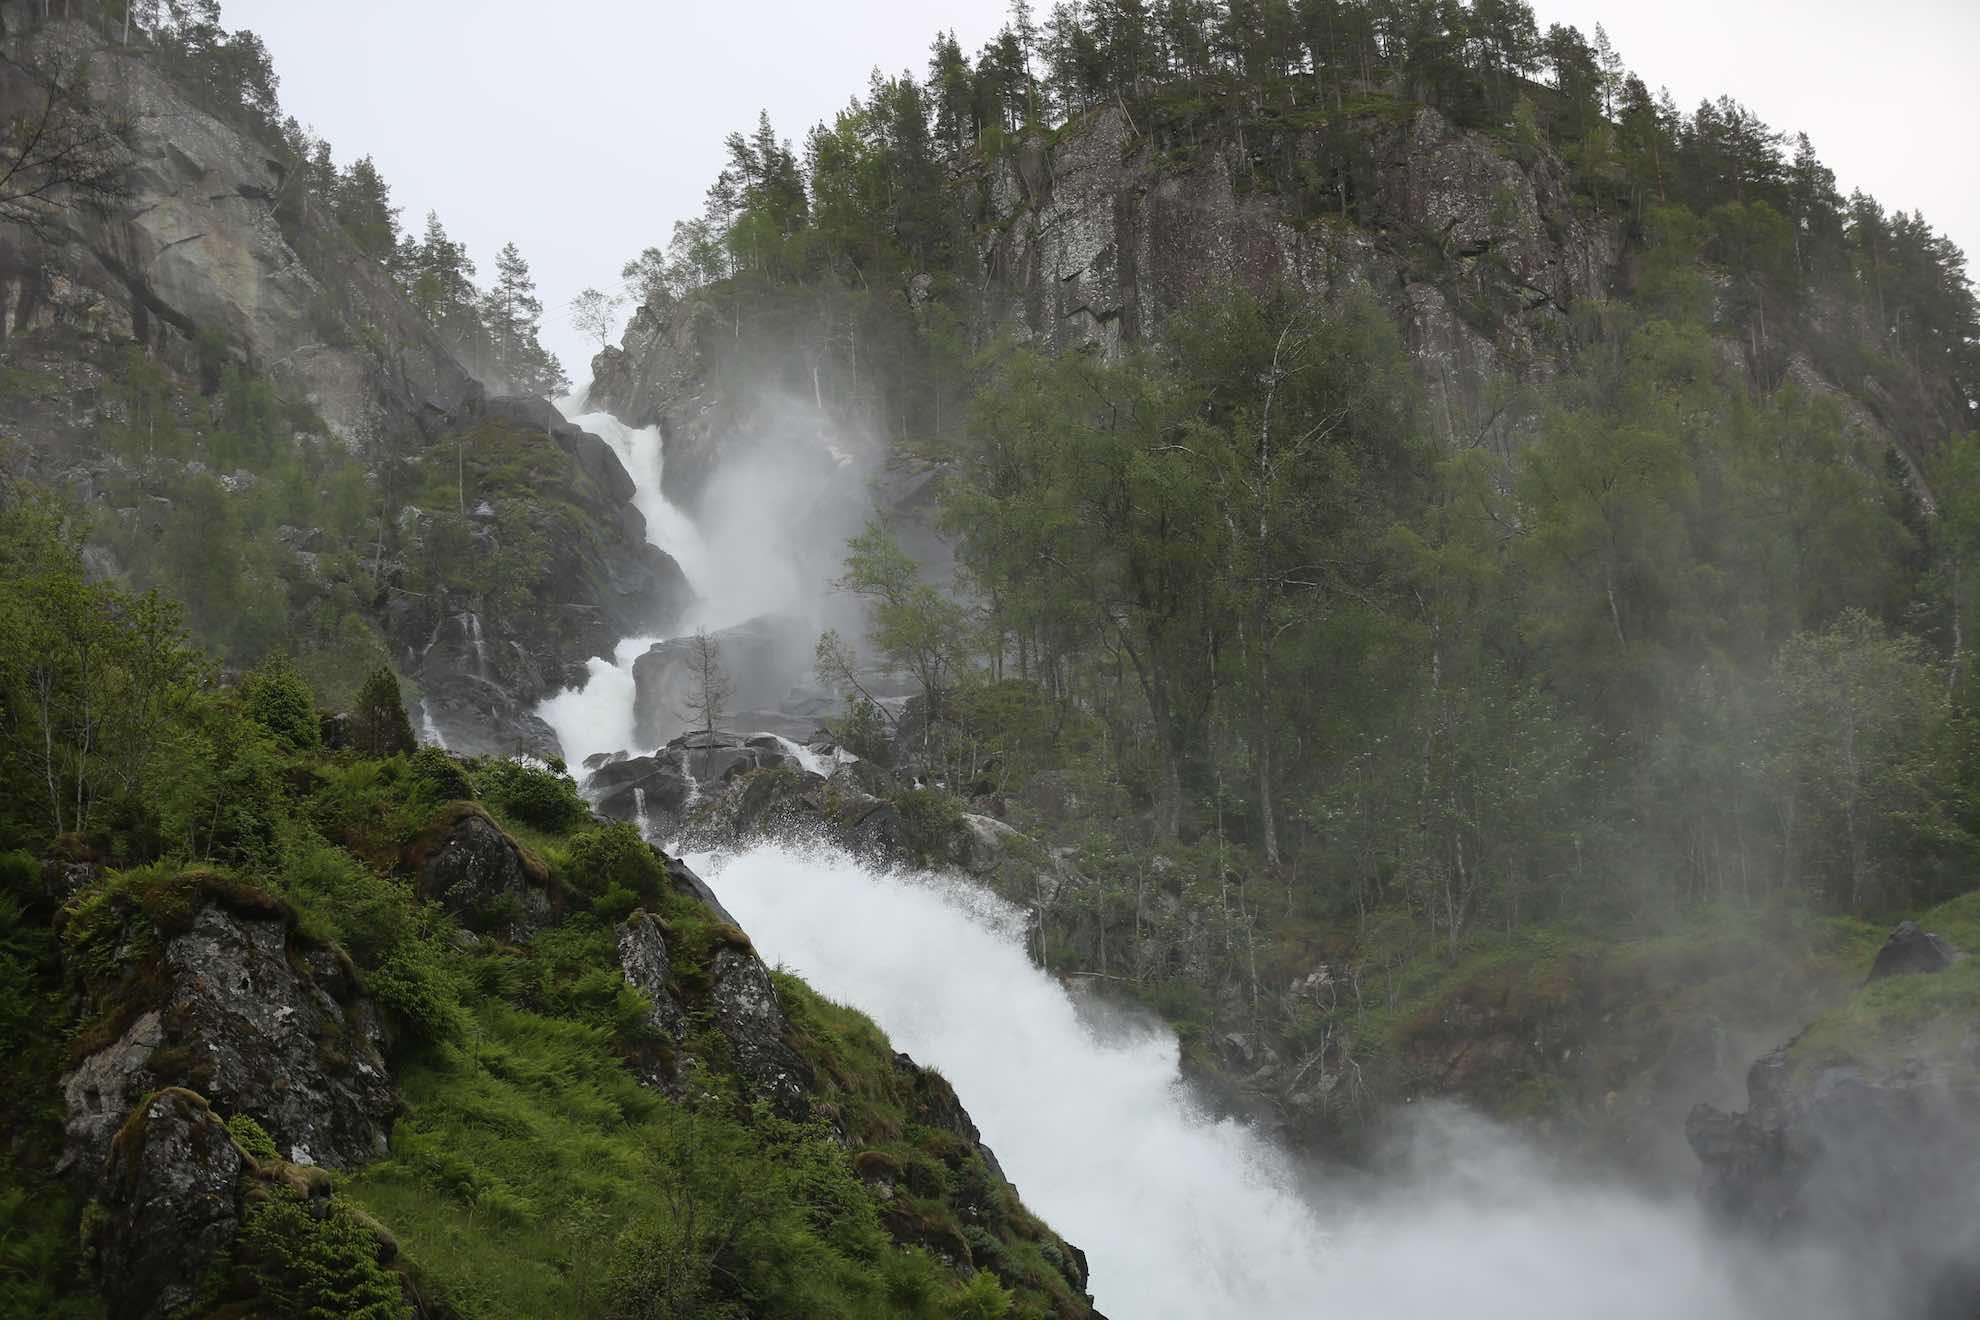 Für einen Ausflug zu den Låtefoss-Wasserfällen südlich von Odda ist es noch nicht zu spät – es ist schließlich fast rund um die Uhr hell.